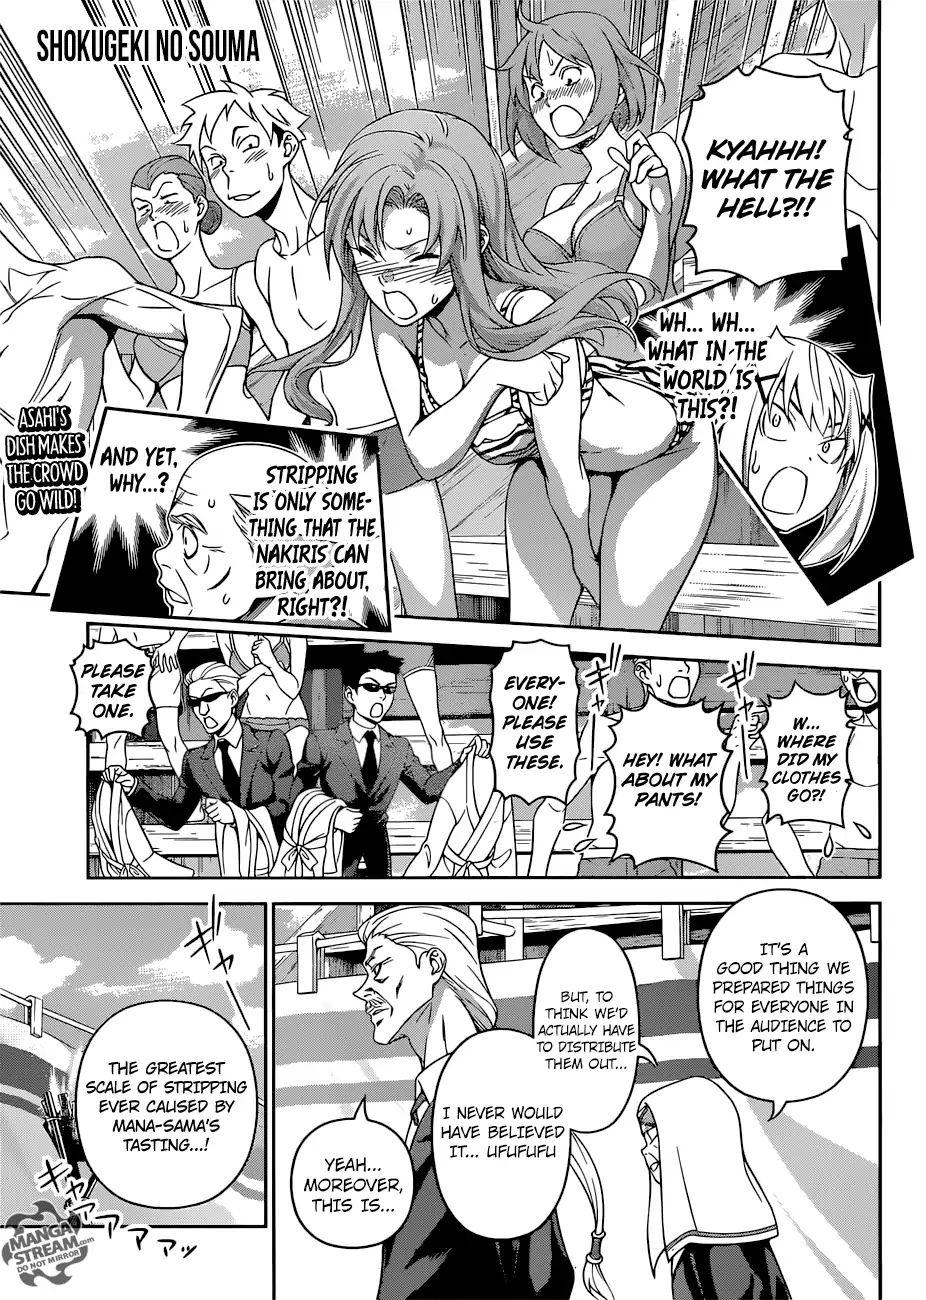 Shokugeki no Soma Chapter 309  Online Free Manga Read Image 1